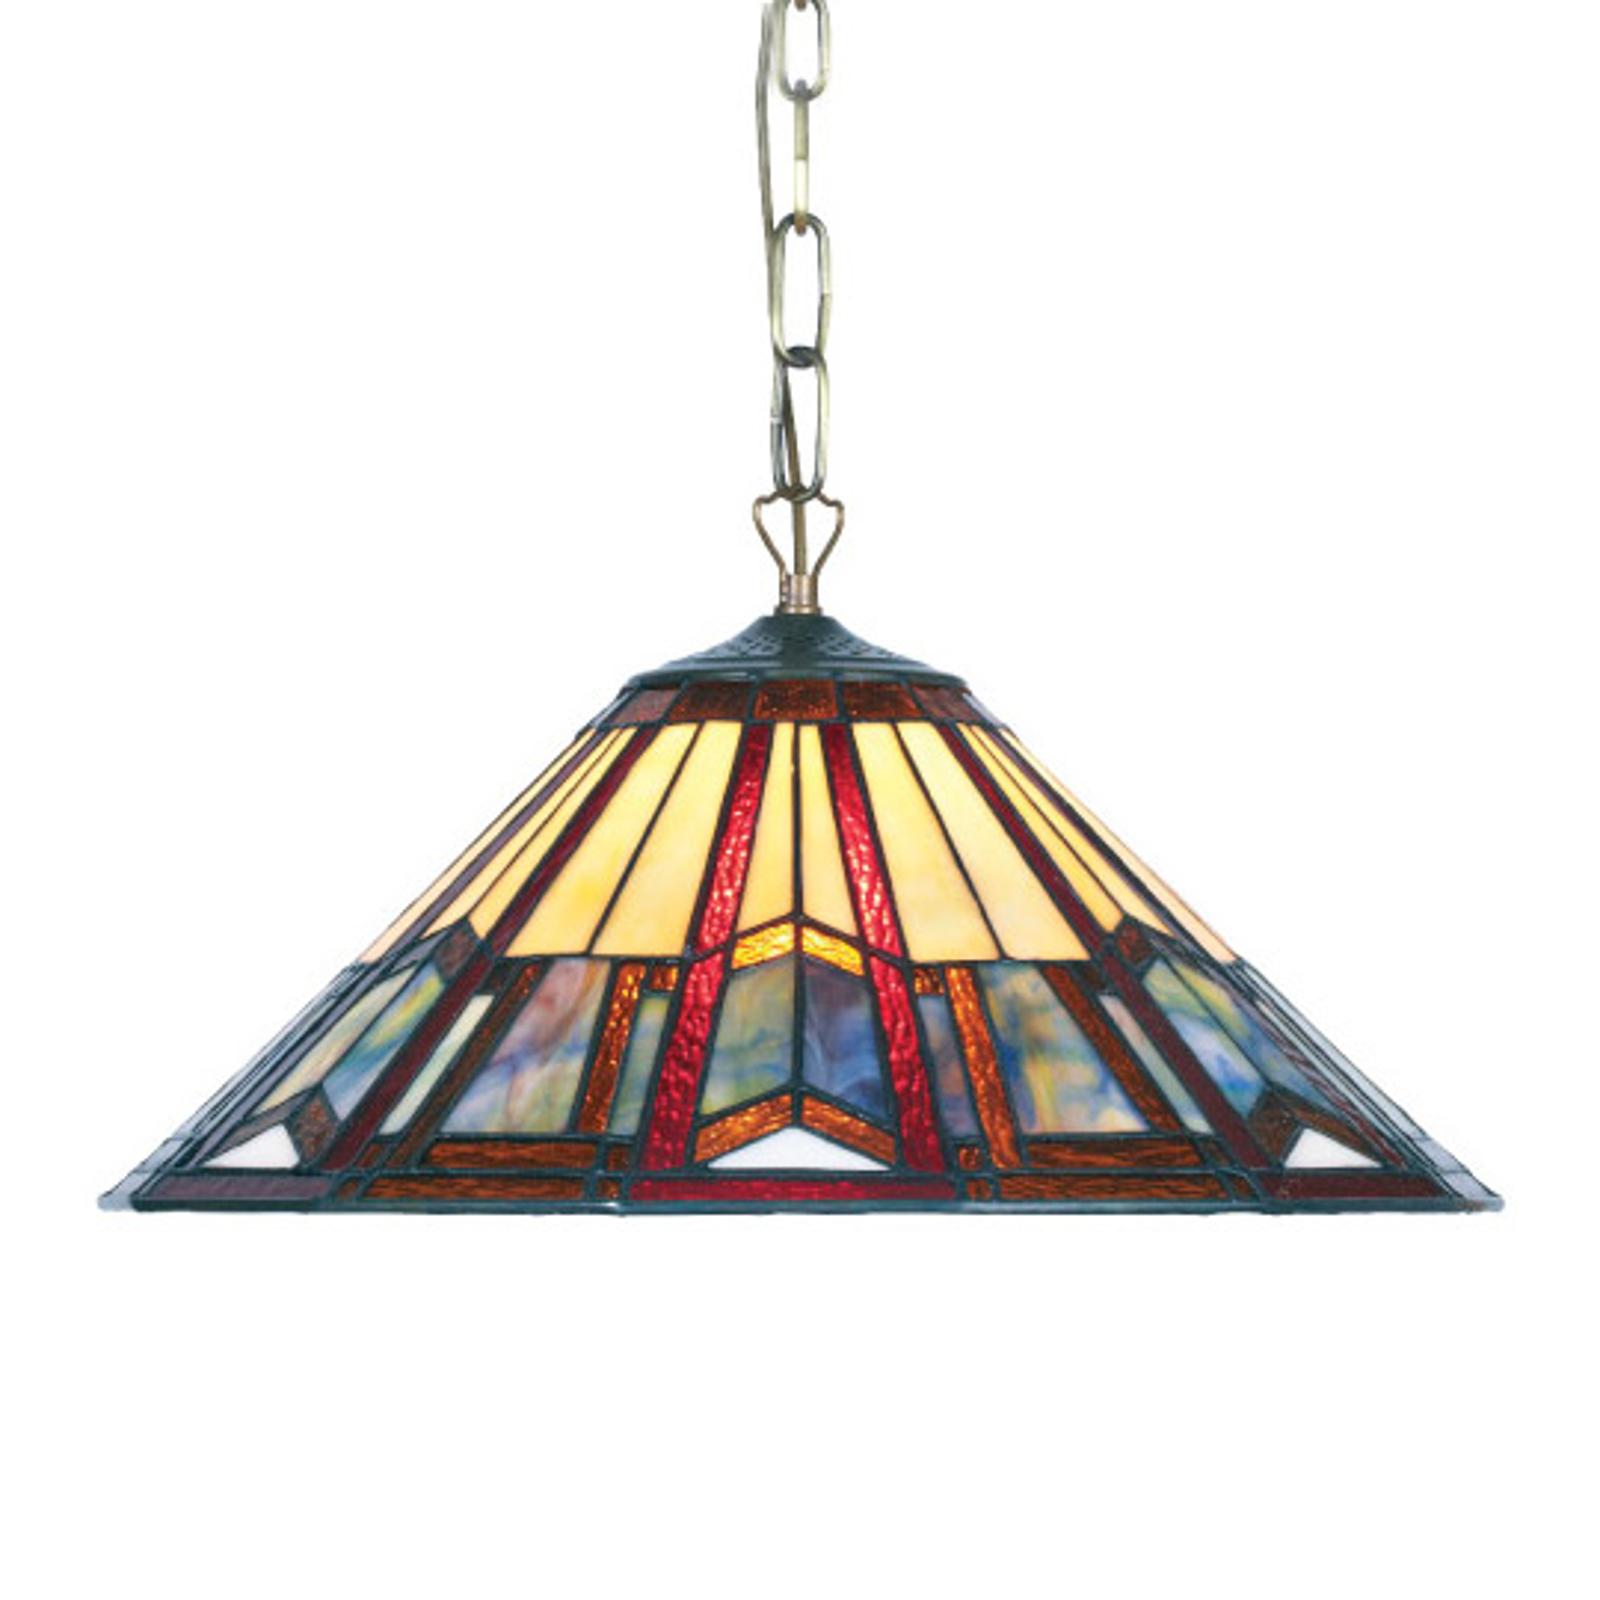 Lampa wisząca LILLIE w stylu Tiffany 2 x E27